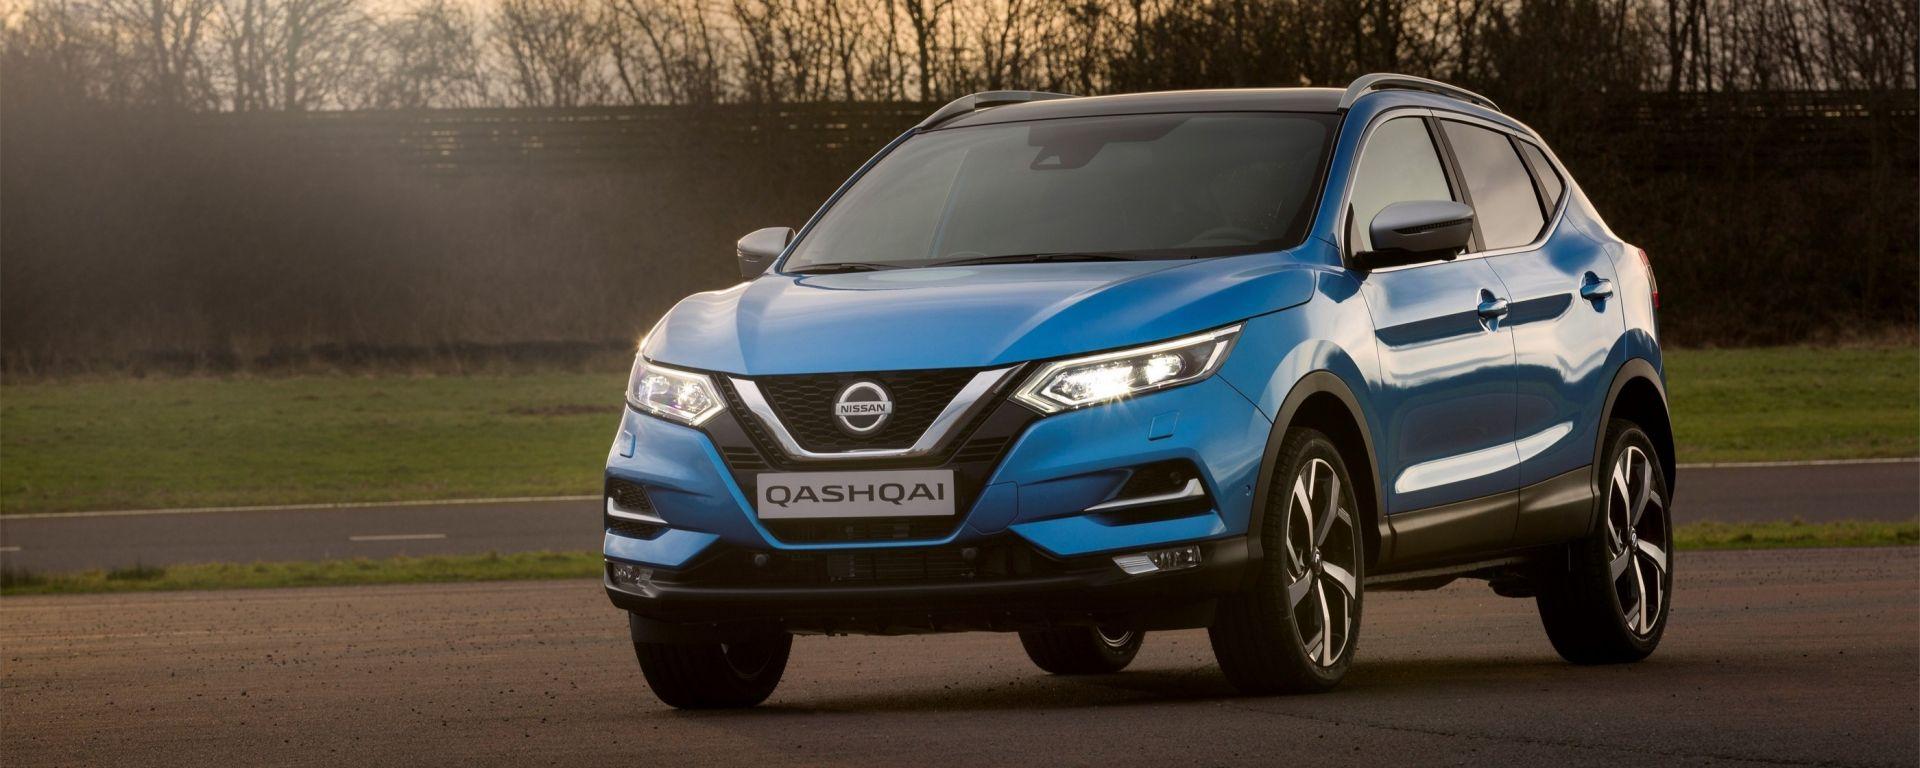 Nissan Qashqai 2017: ora disponibile con tecnologia ProPILOT